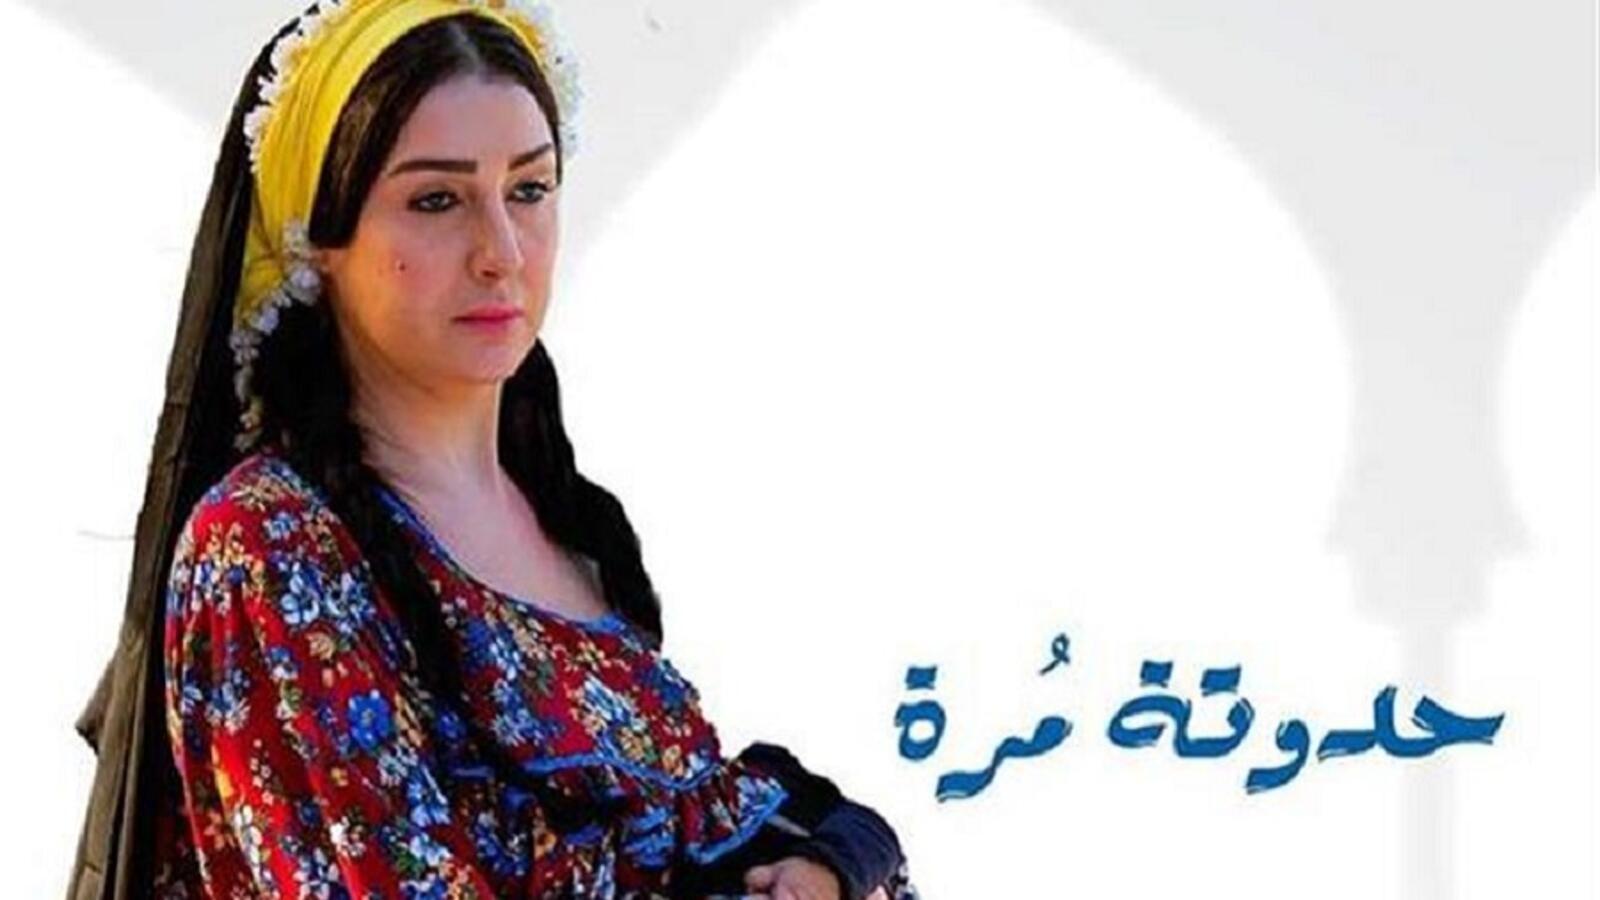 غادة عبد الرازق متهمة بإهانة المرأة و الإبتذال في (حدوتة مرة)